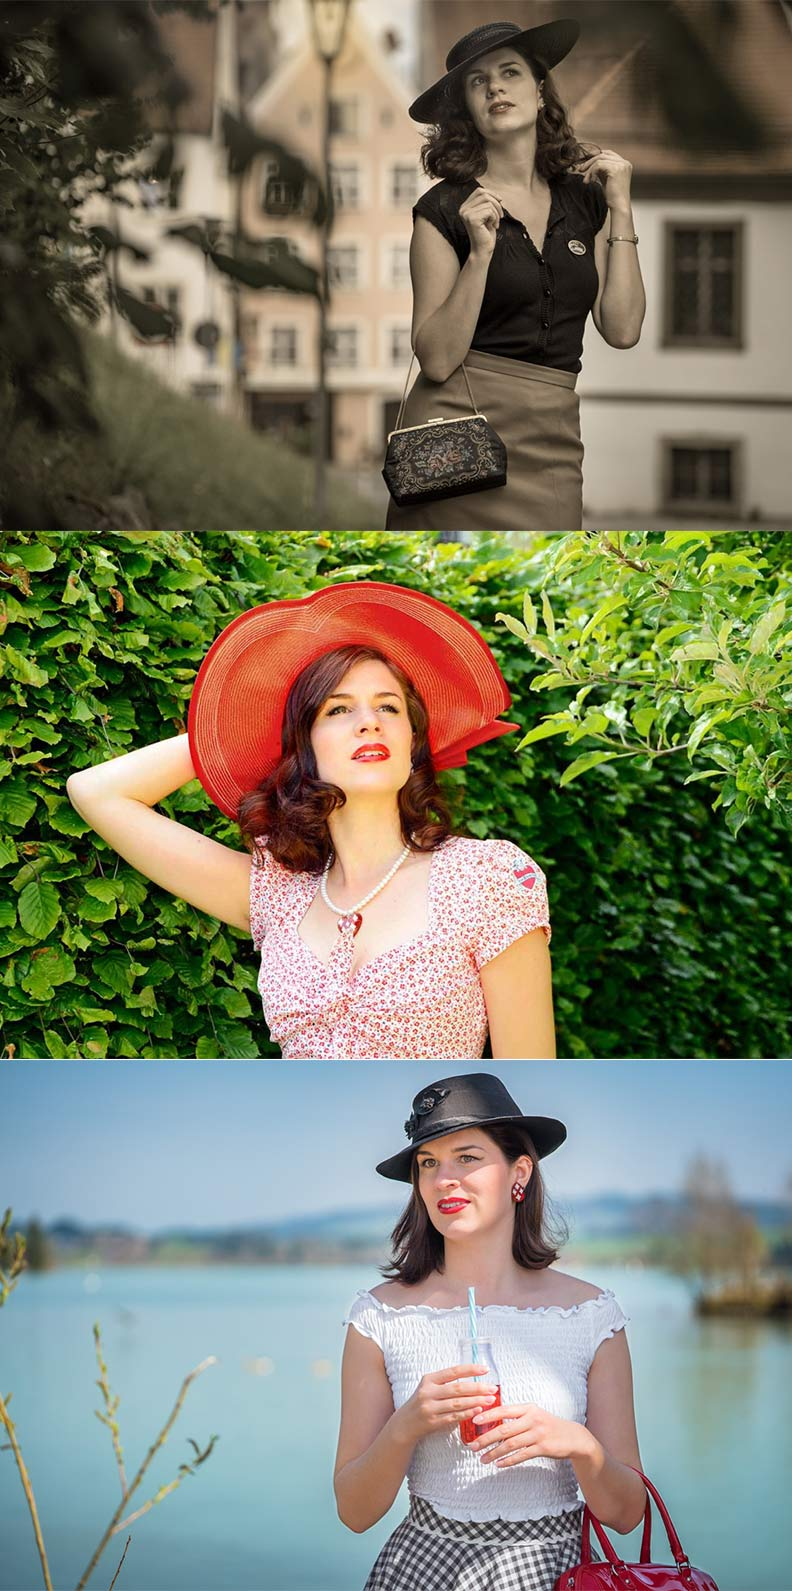 Vintage-Mode-Bloggerin RetroCat mit stylishen Strohhüten für den Sommer im Retro-Stil